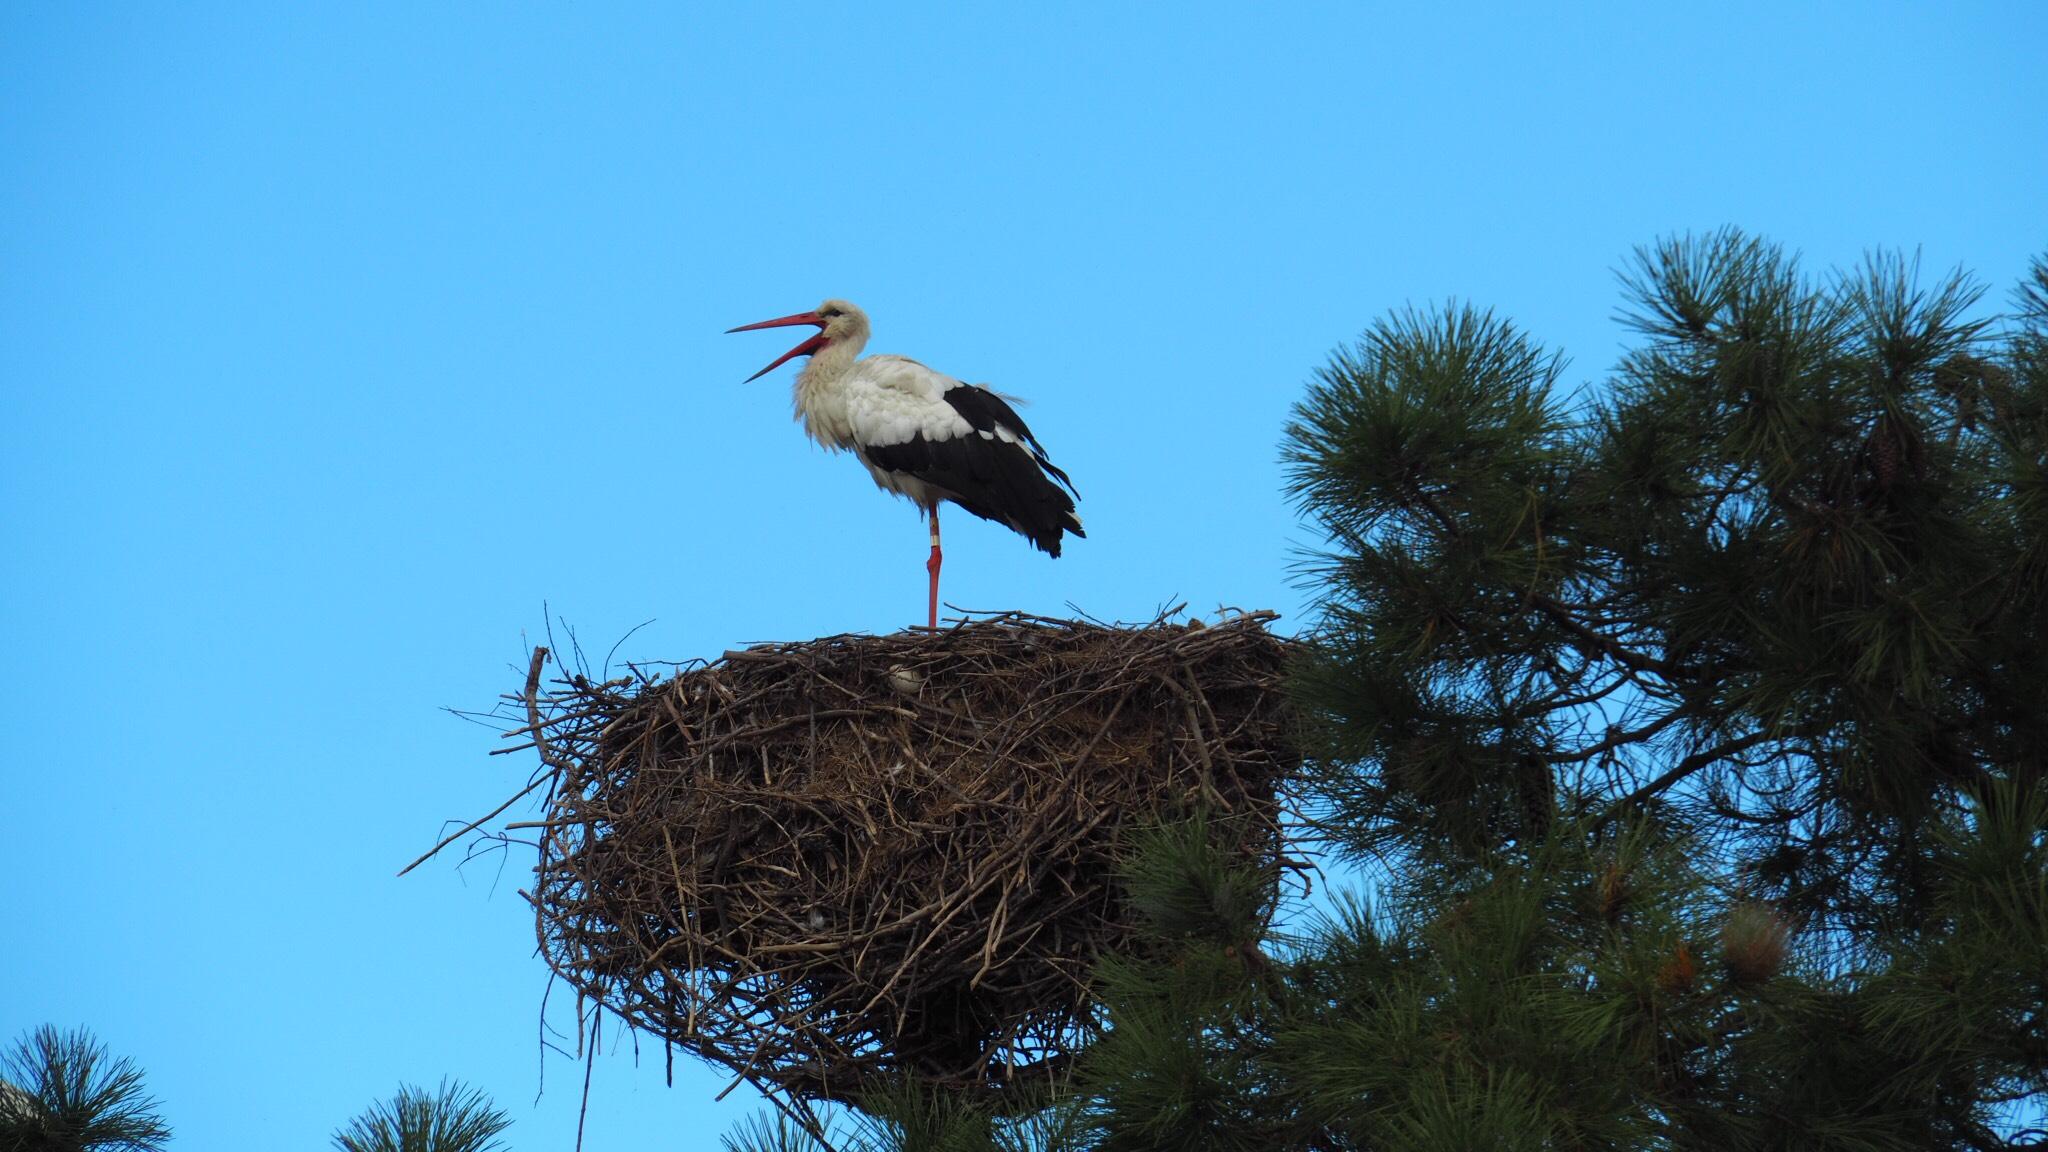 Stork in the Teich bird reserve